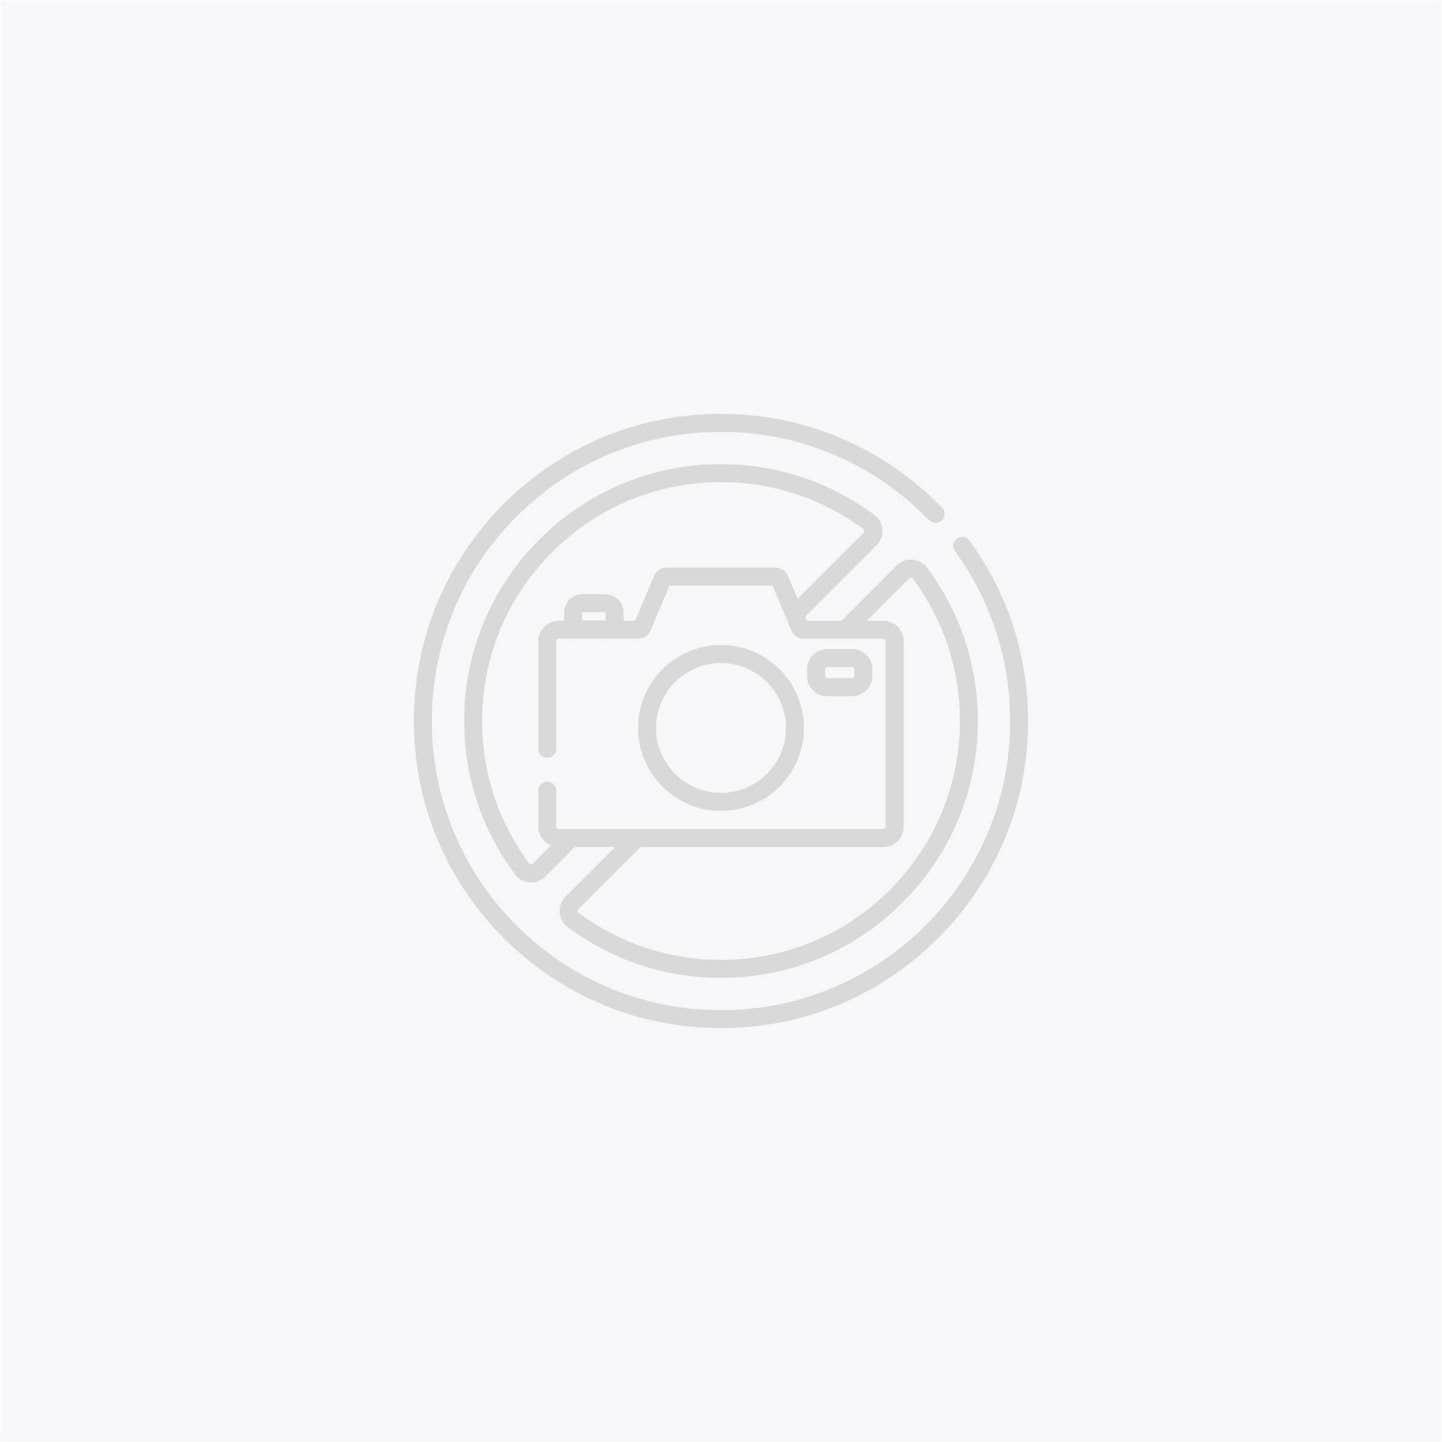 Dries Van Noten Black Patent Belt - size 75